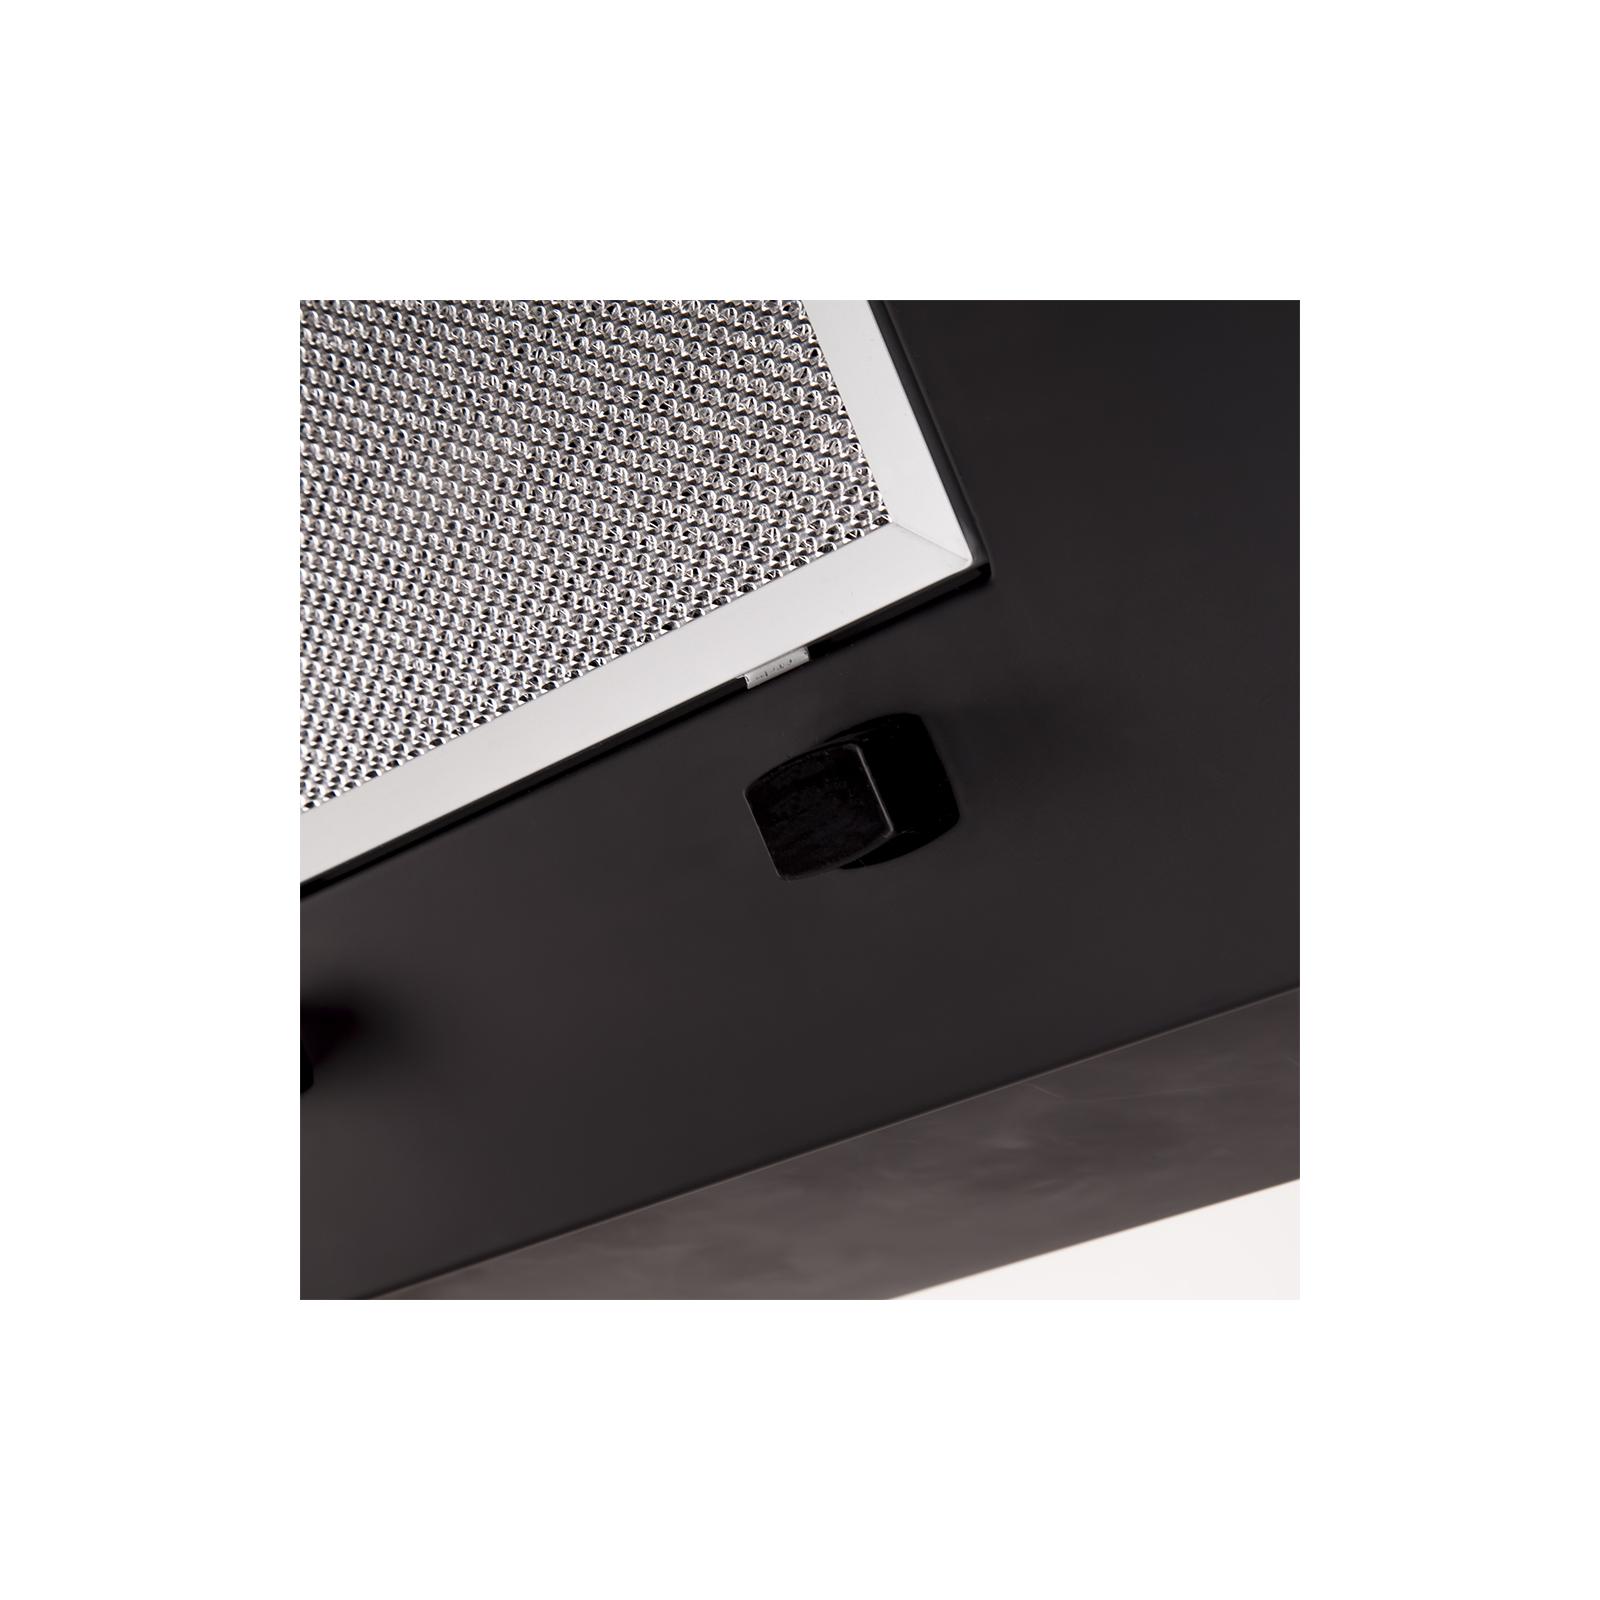 Вытяжка кухонная PYRAMIDA NR-MV 60 M WH изображение 5